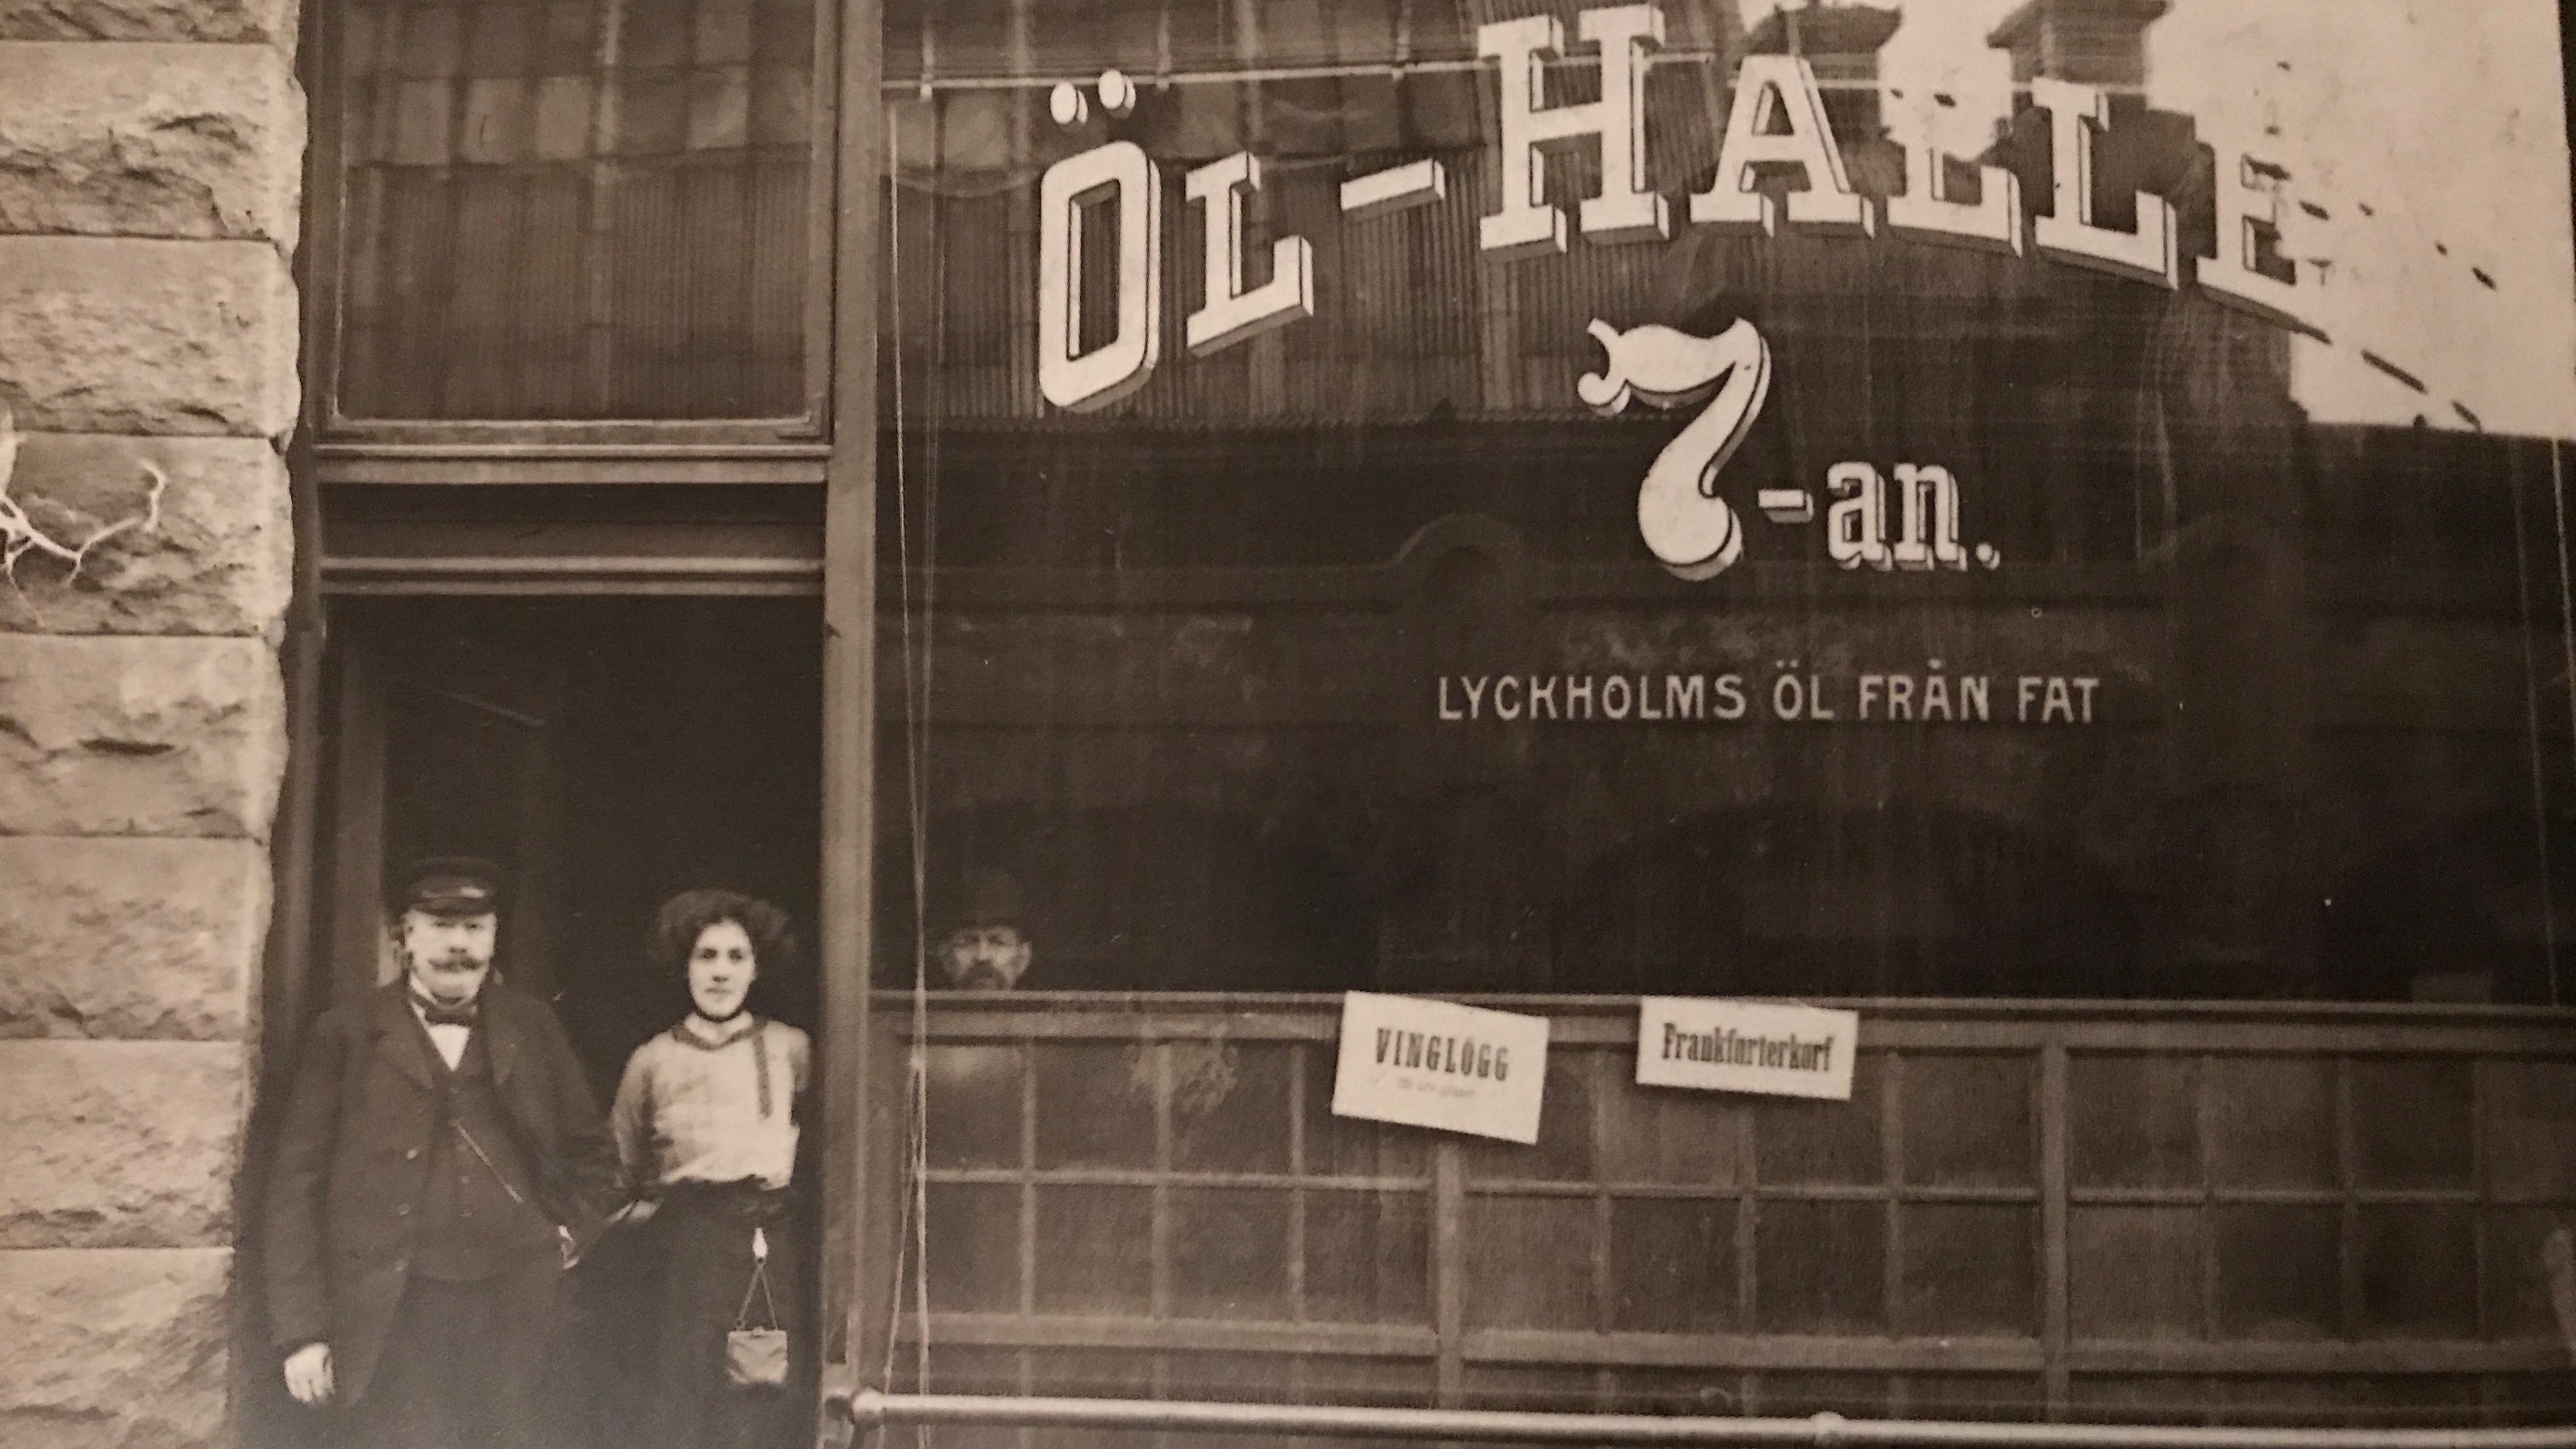 Old photo of Ölhallen 7:an, Gothenburg.